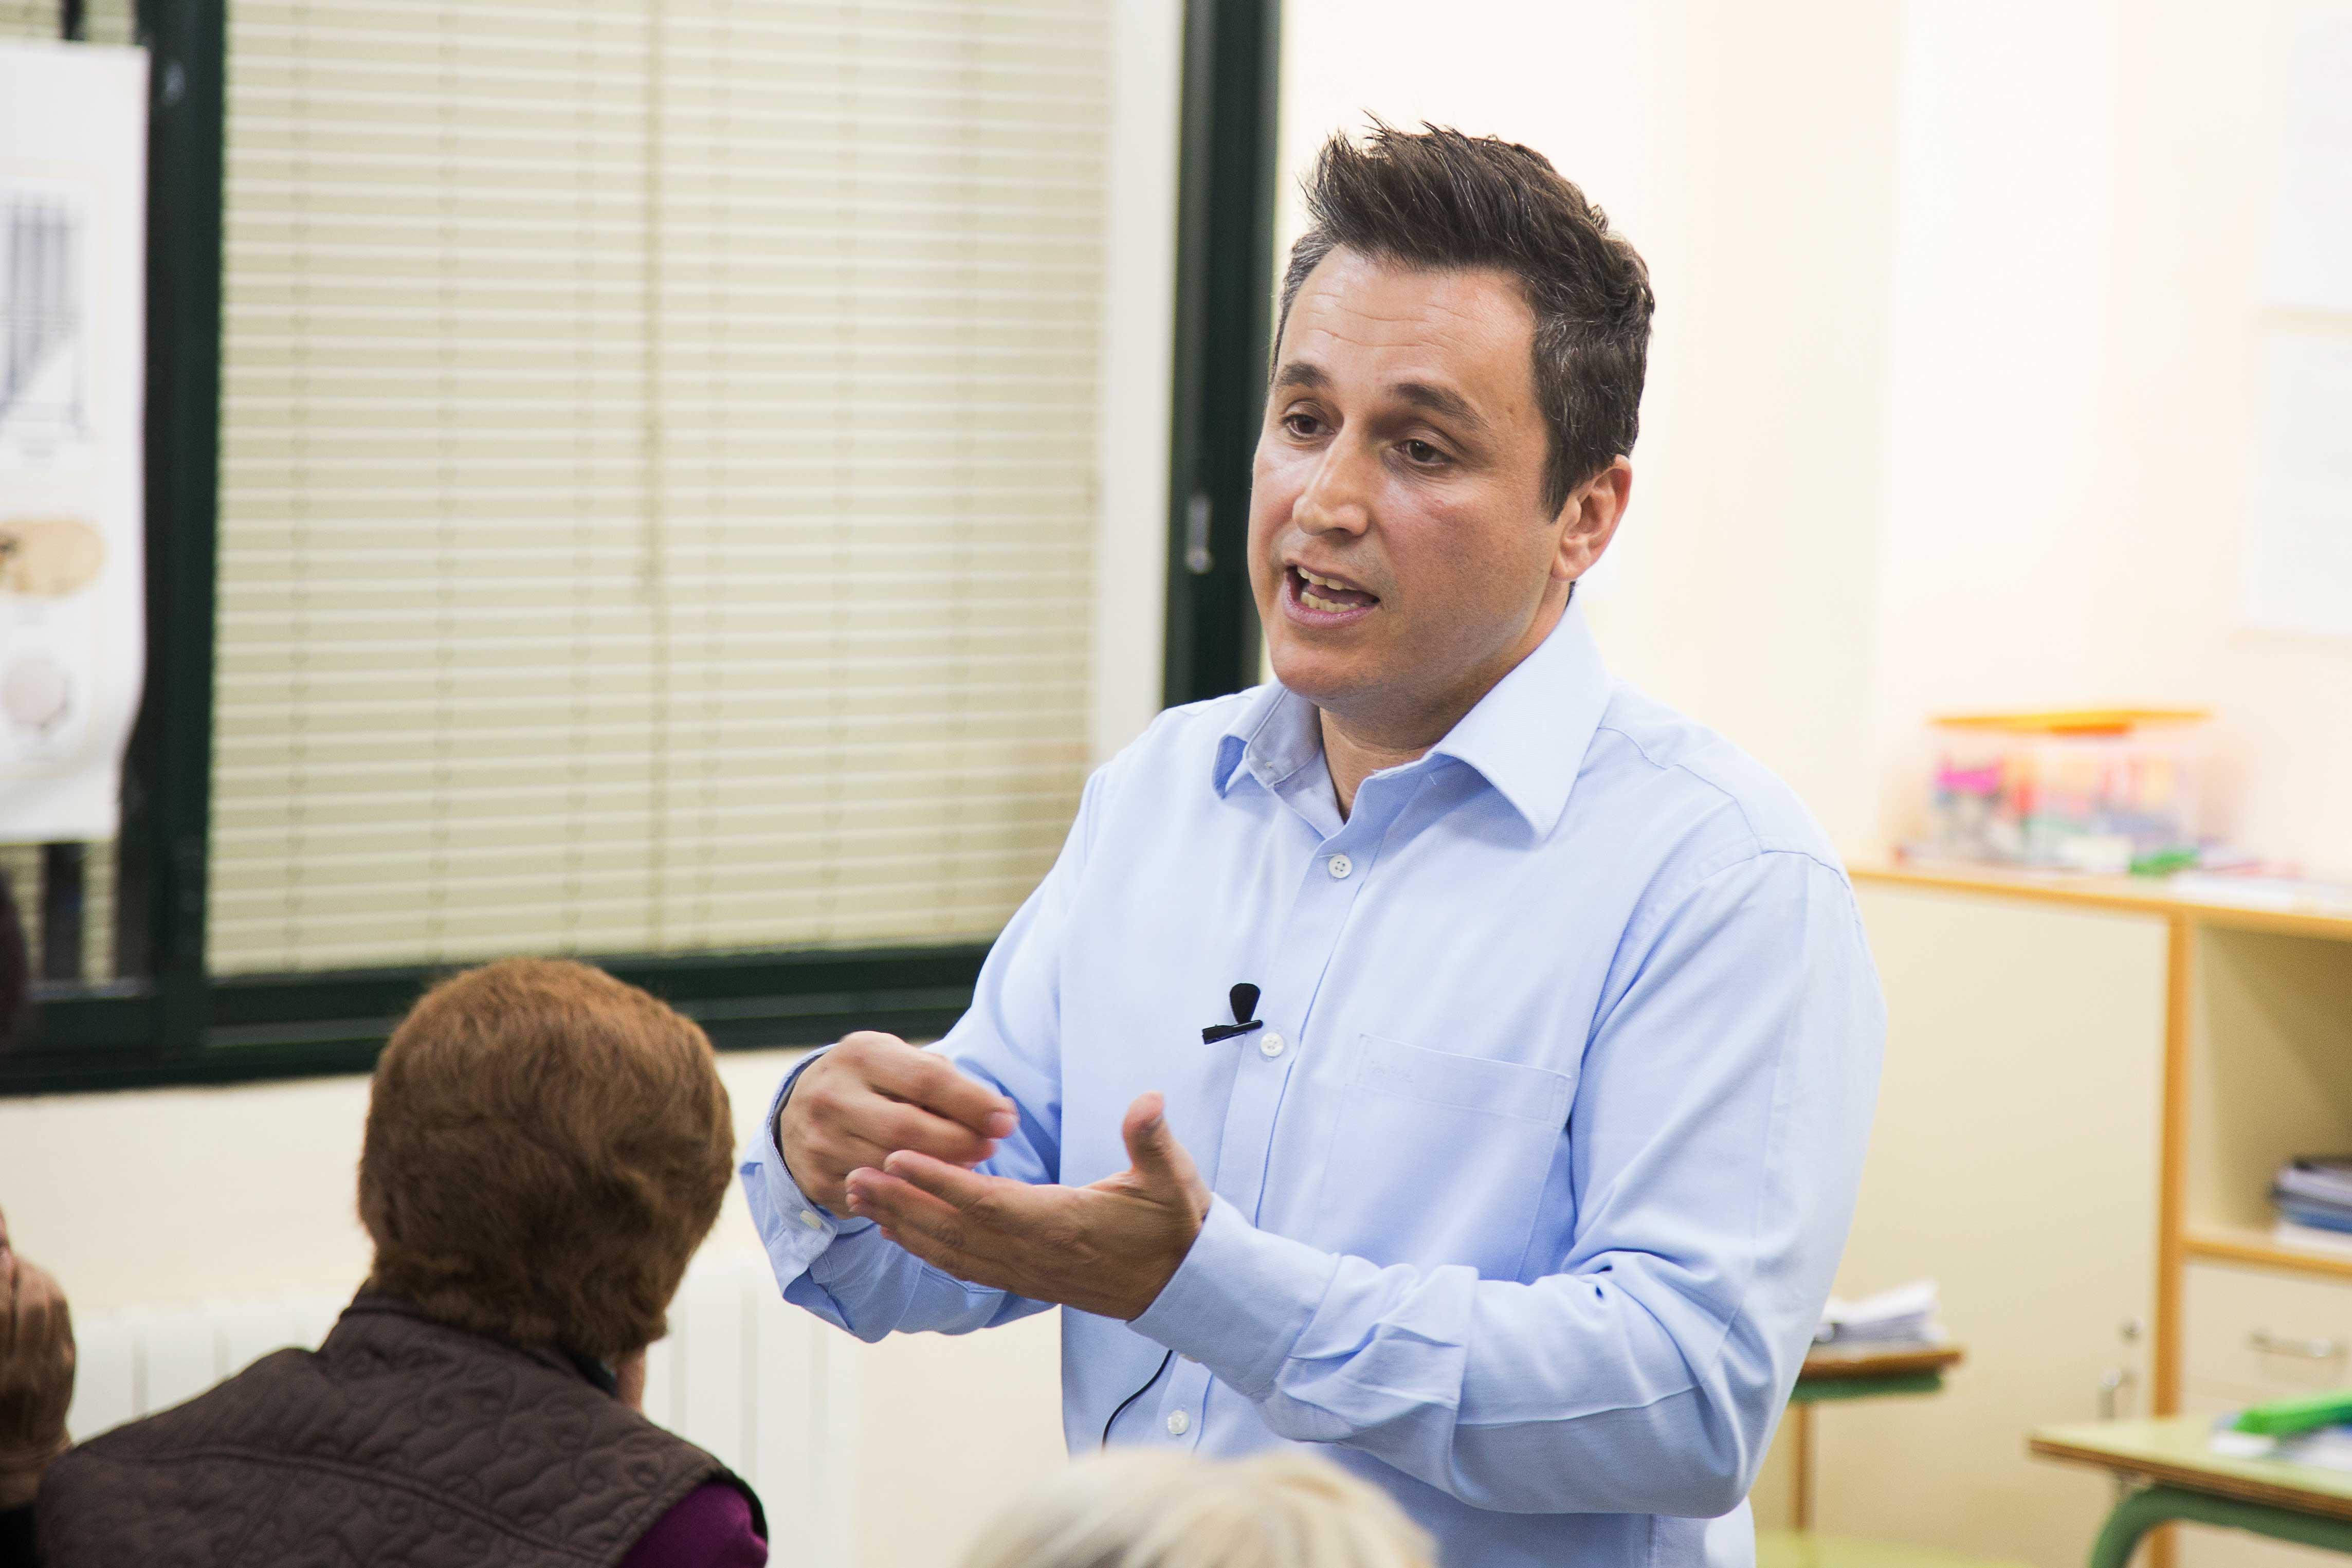 El alcalde, Francisco Calvo, apoya la movilización de la comunidad educativa y pide mejoras educativas